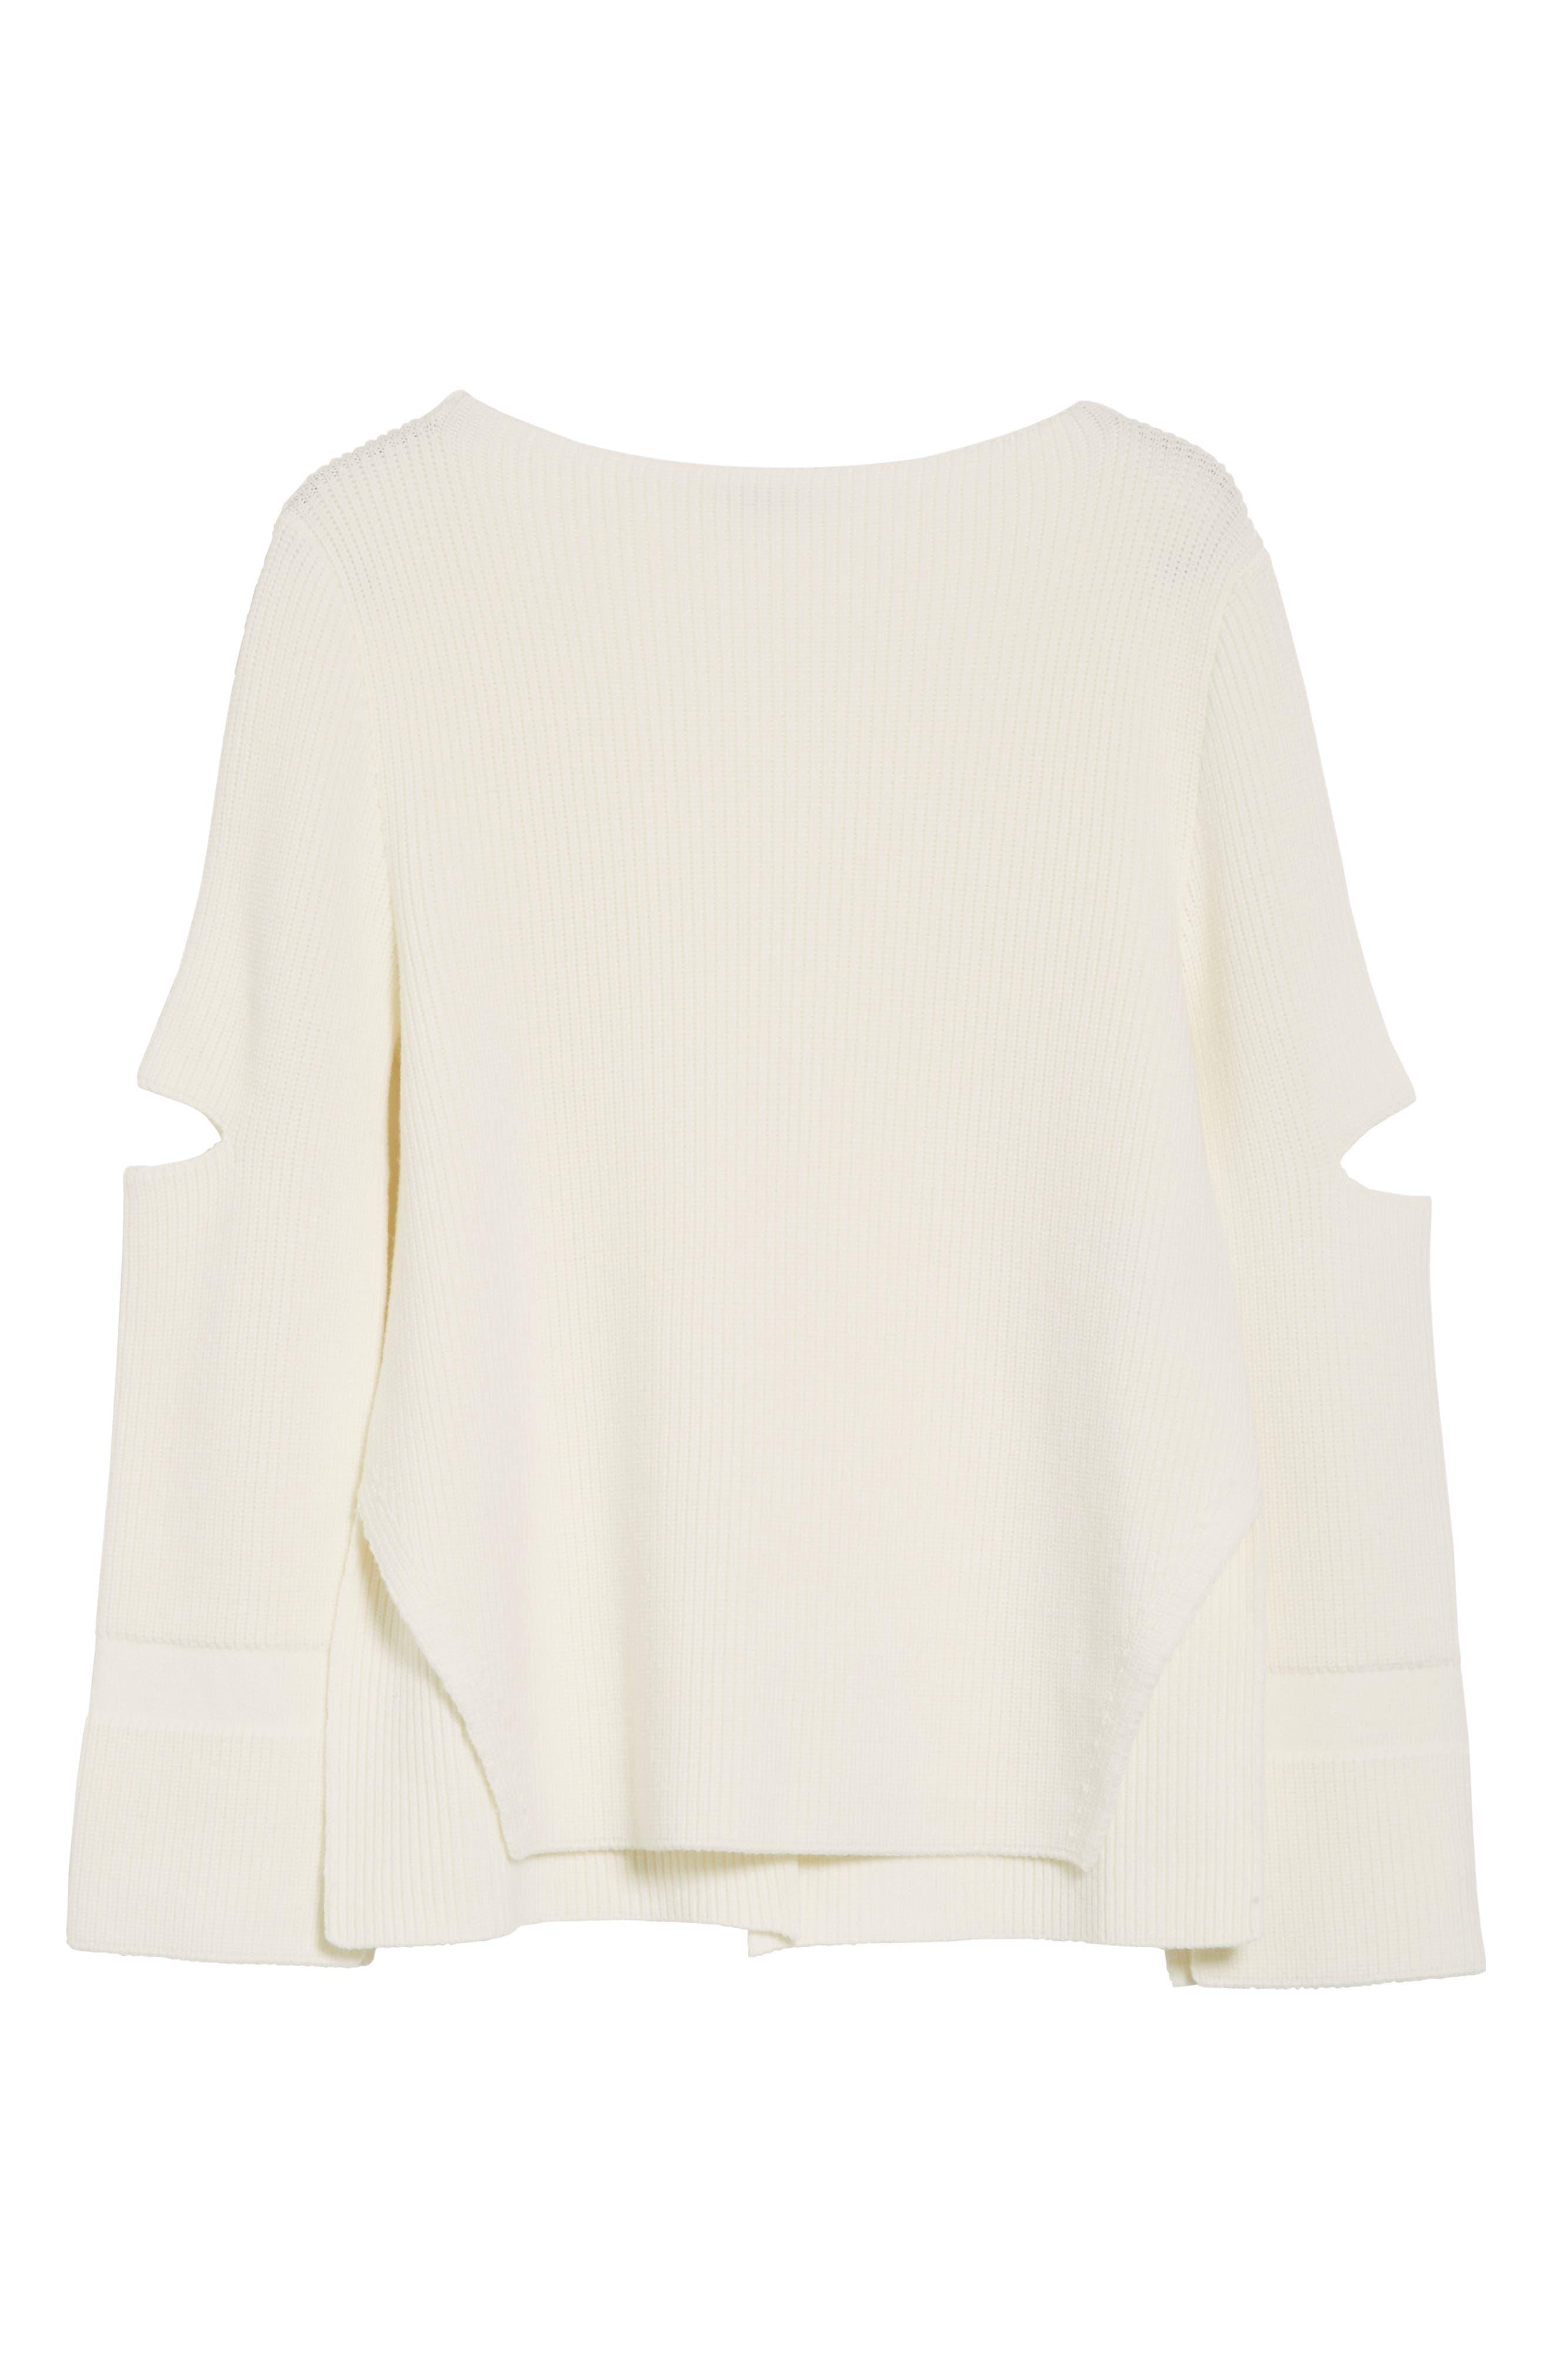 Slit Back Virgin Wool Blend Sweater,                             Alternate thumbnail 6, color,                             108